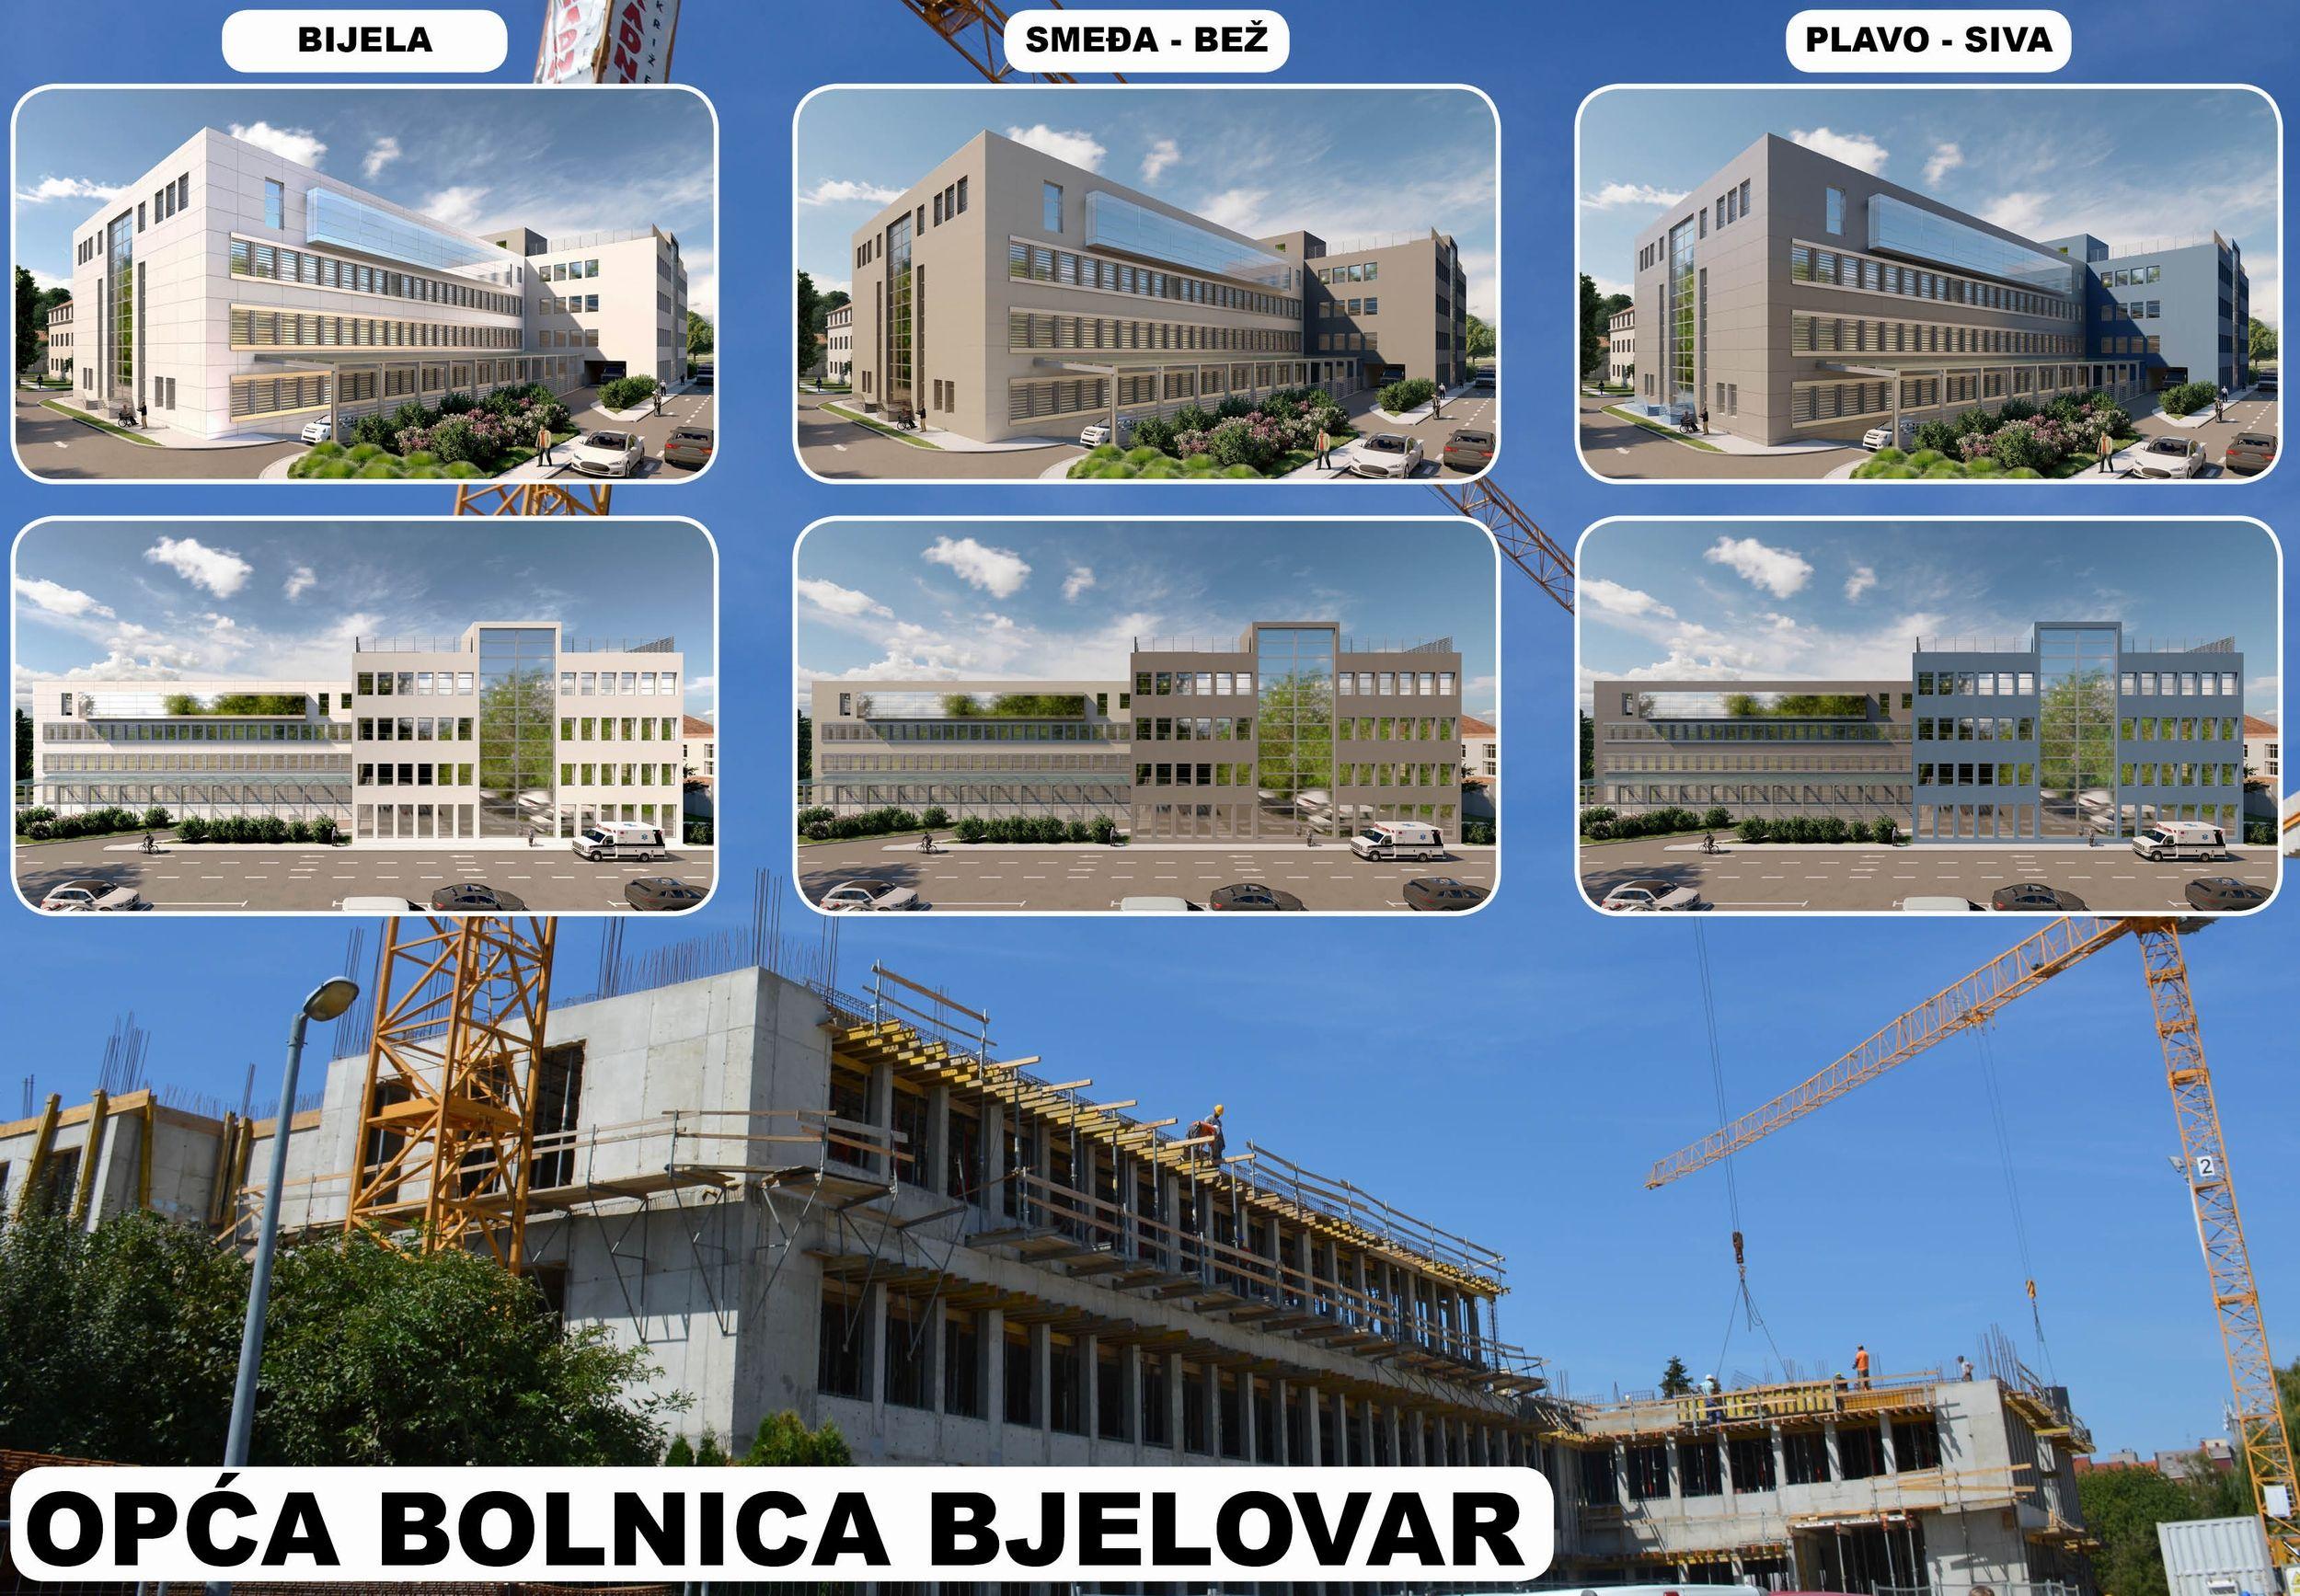 Odaberite izgled NOVE bjelovarske bolnice - Bijela, smeđa ili plava, na Vama je da odlučite!